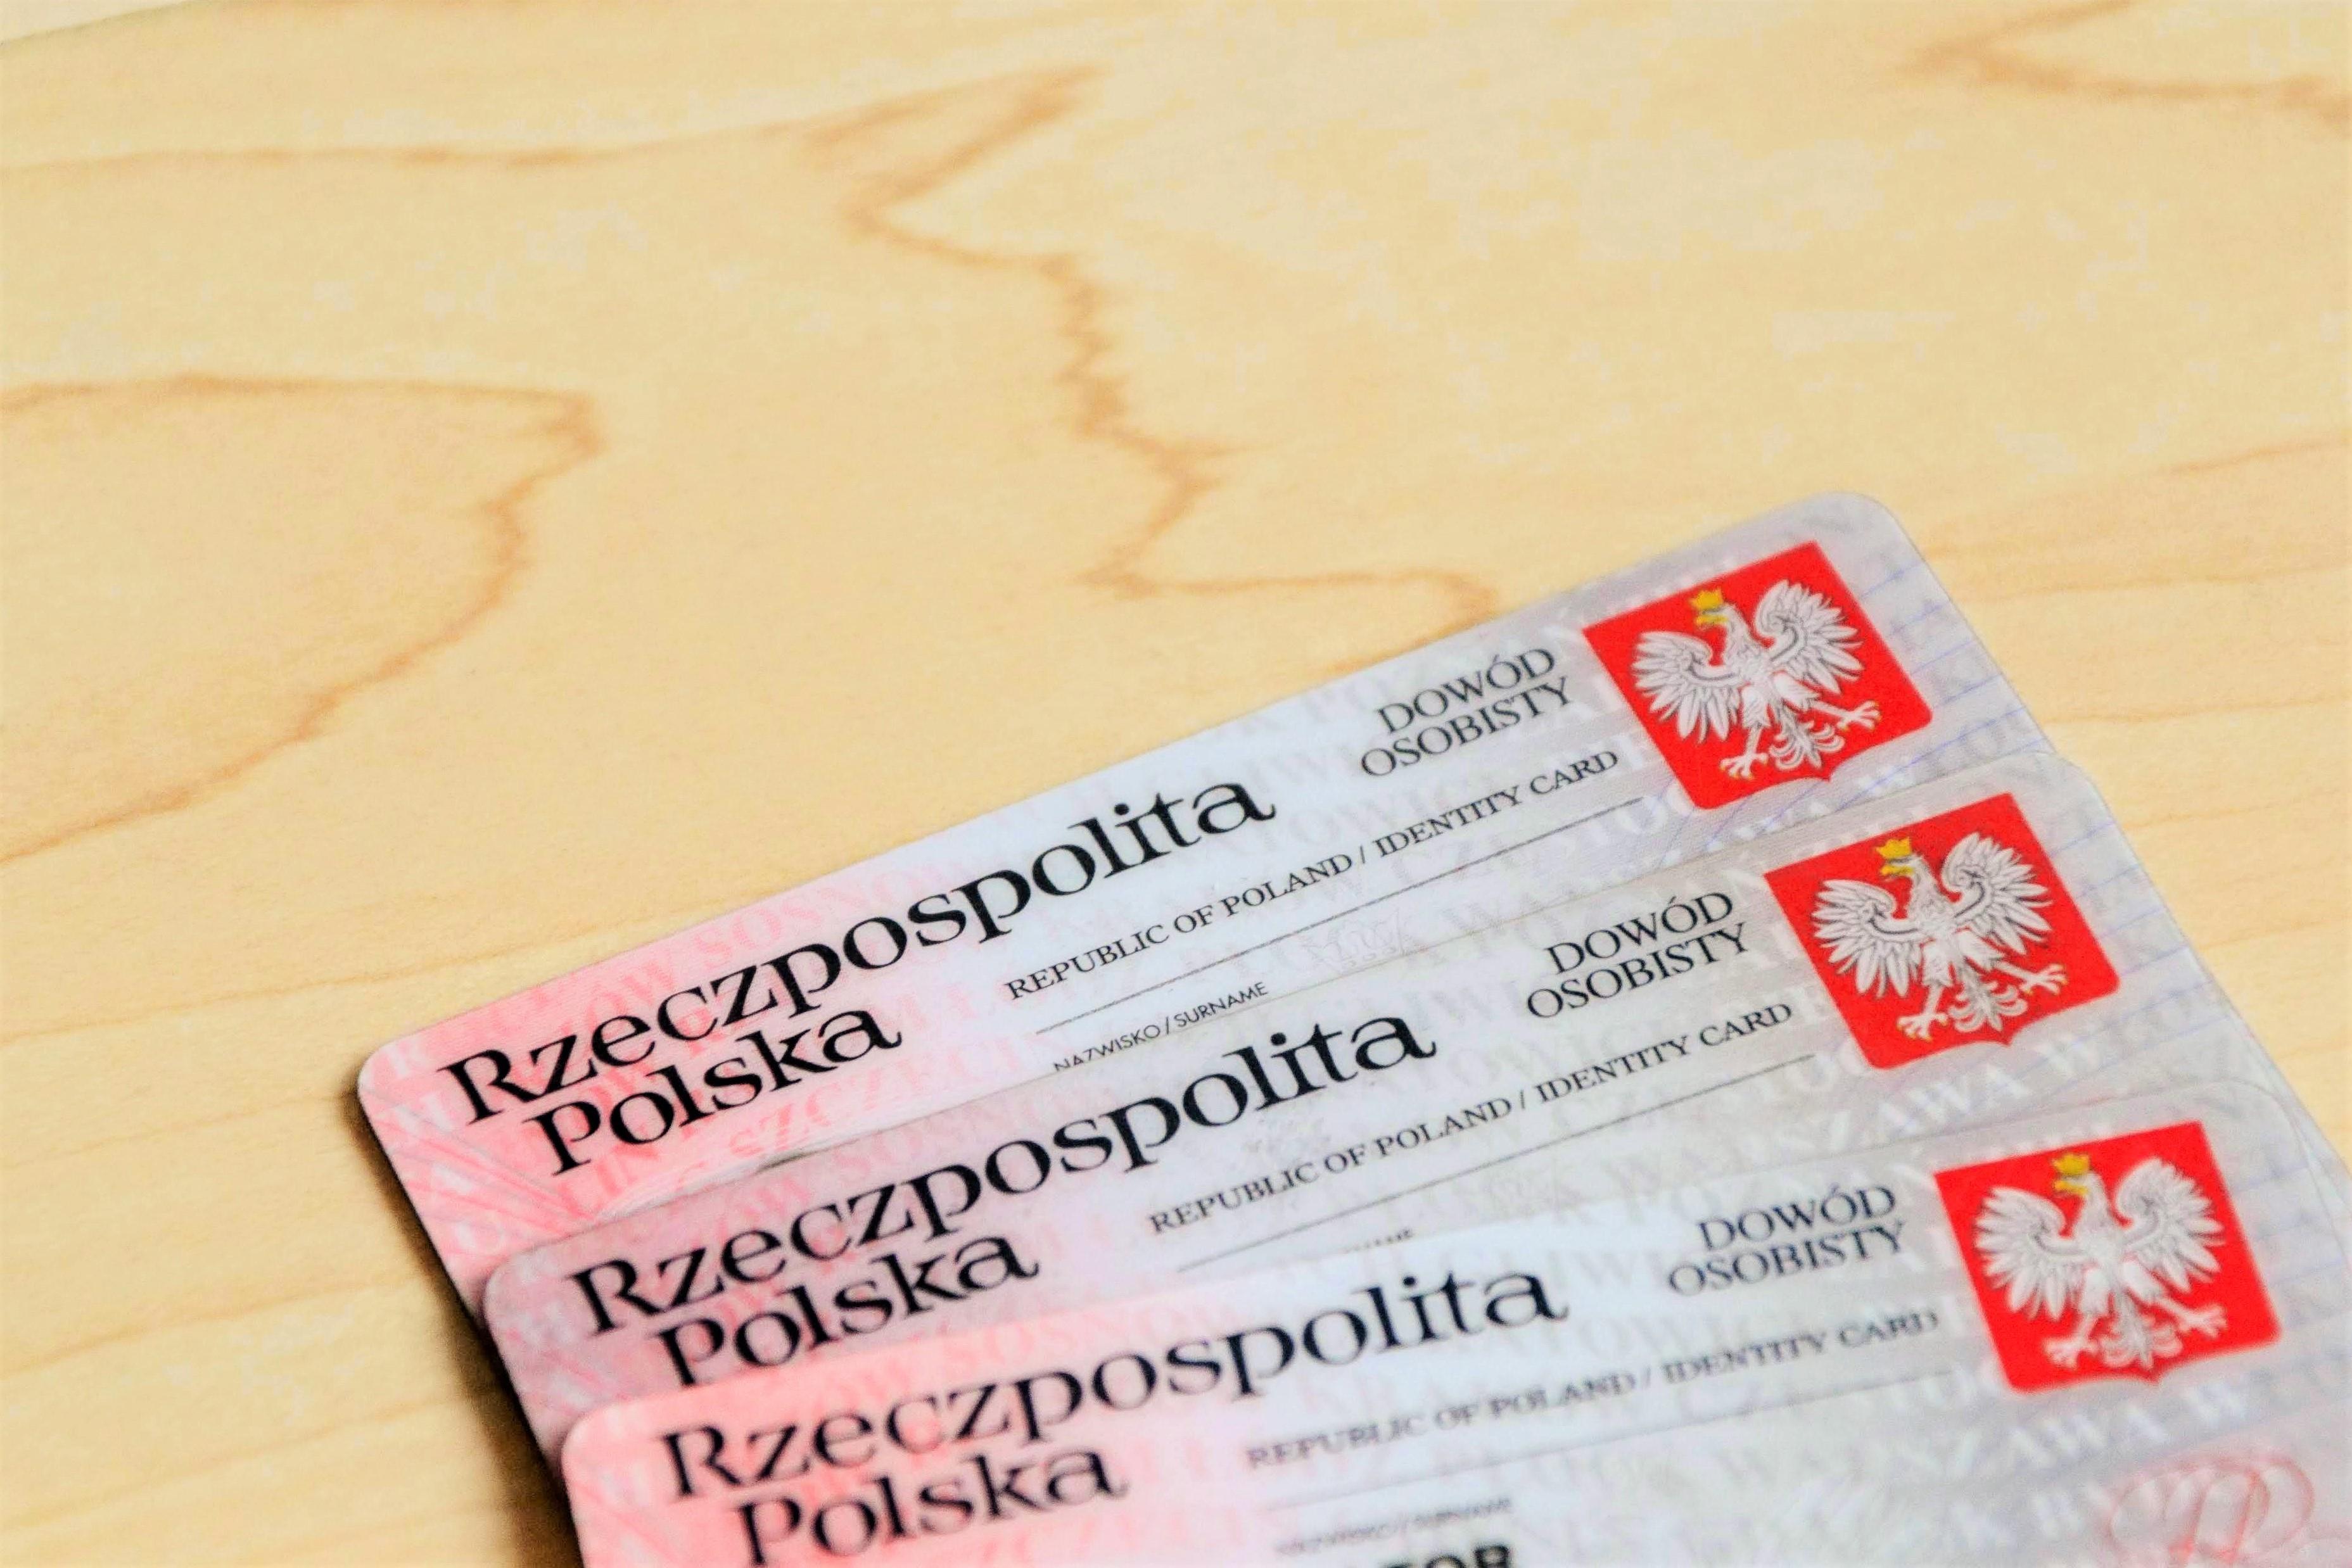 Польская ID-карта, которую могут оформить иностранцы, которые уехали работать в Польшу